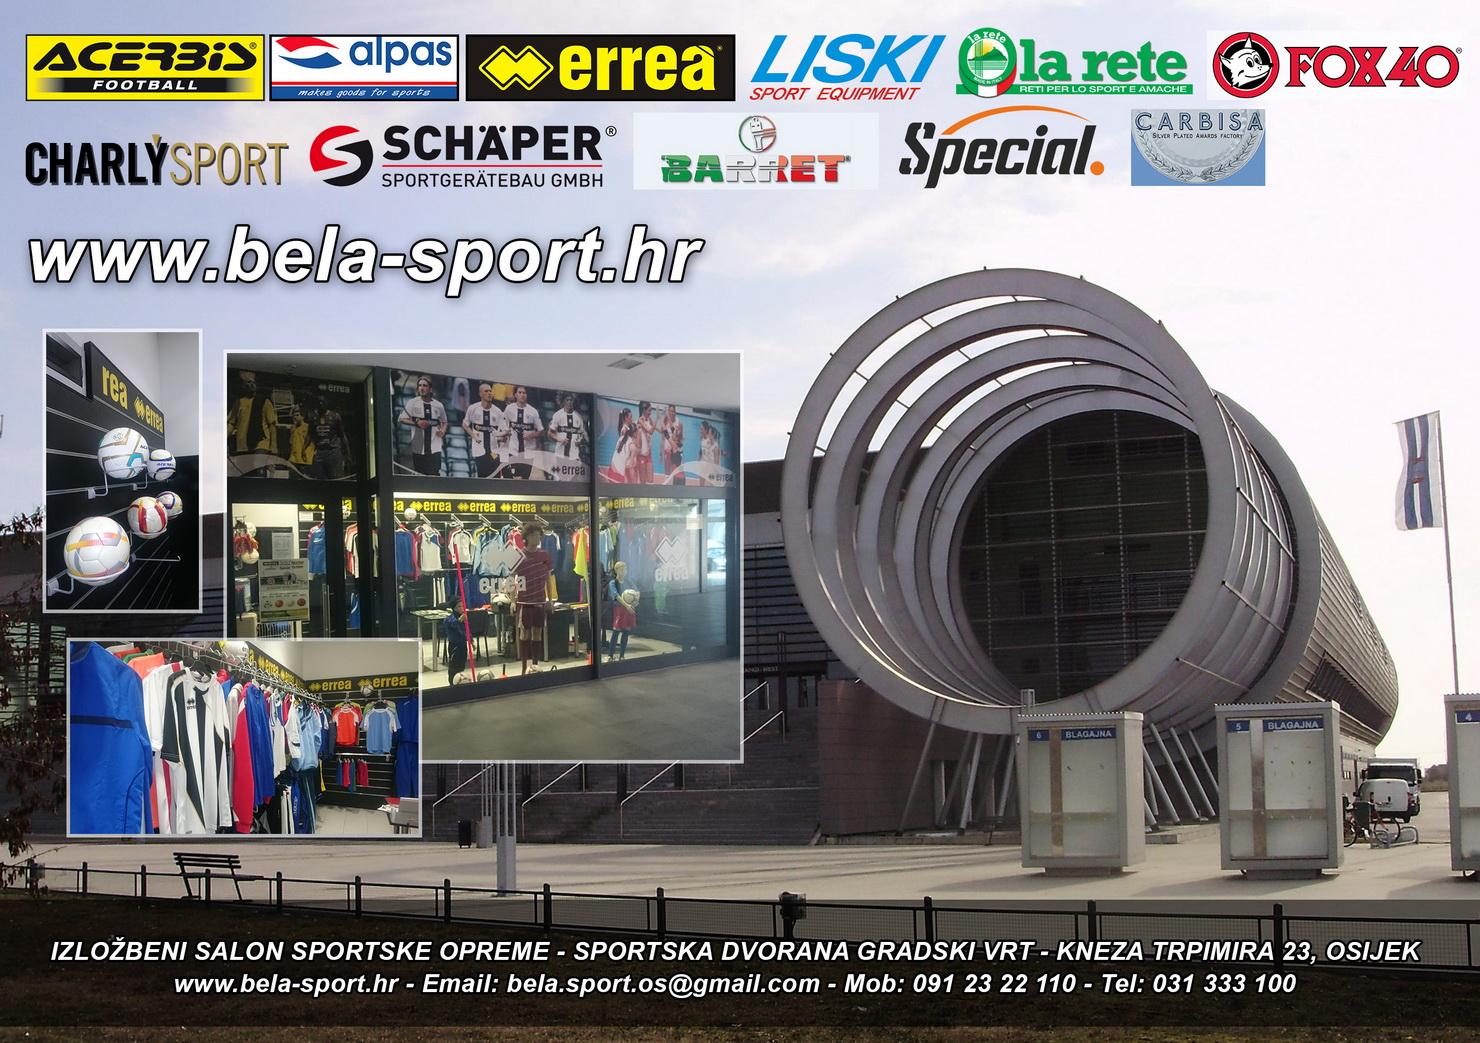 Bela Sport ponuda